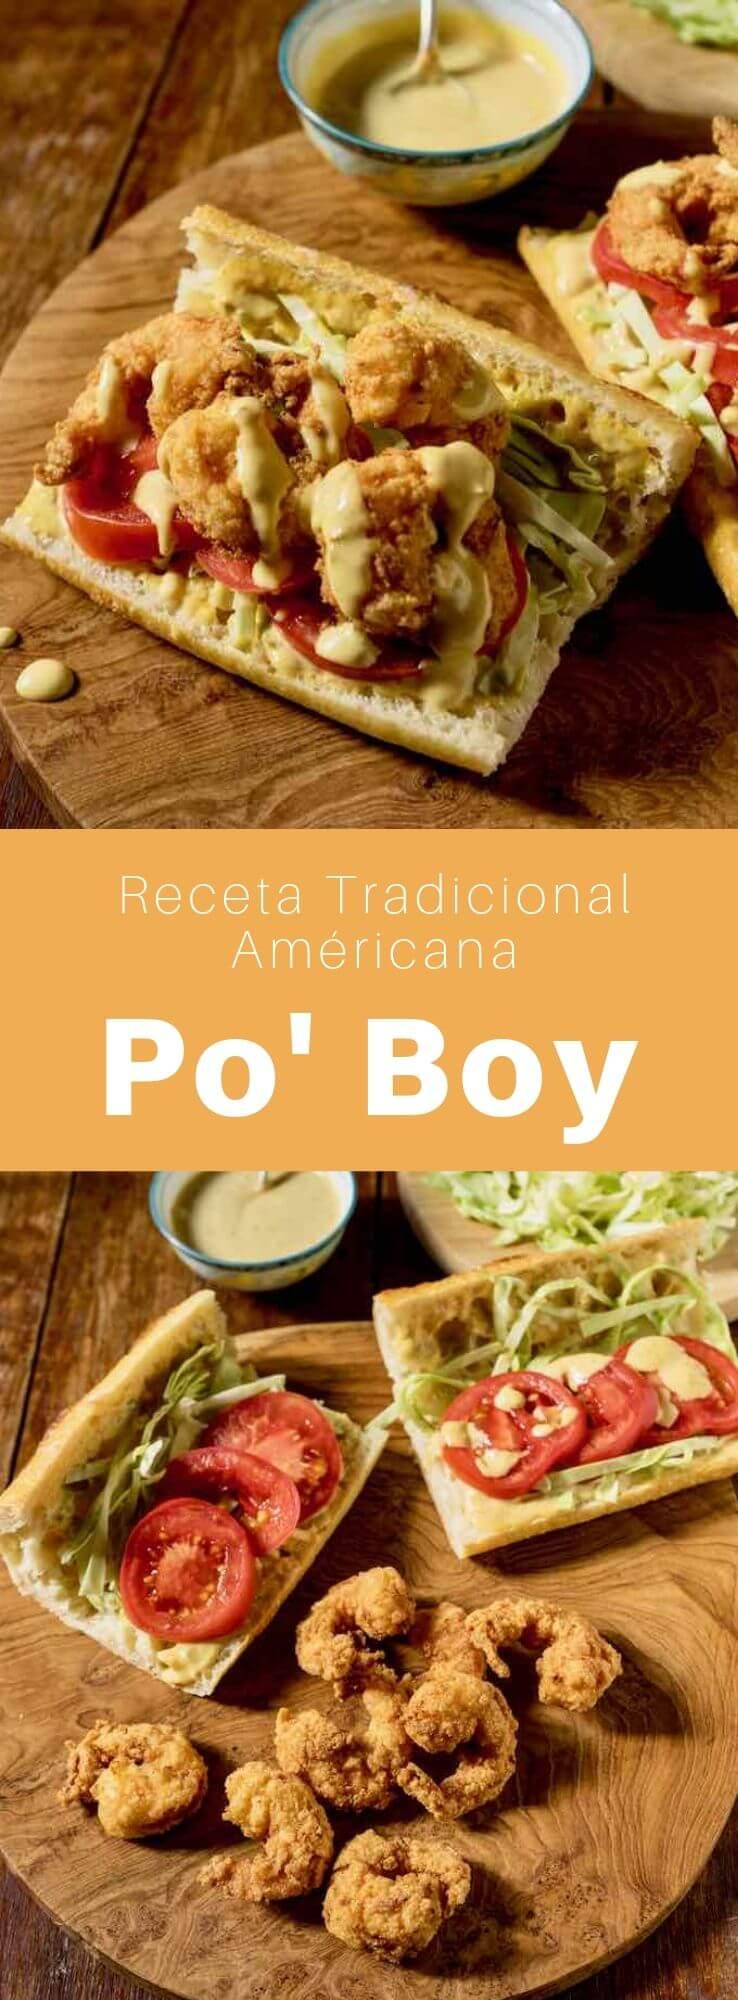 El po' boy es un sándwich de mariscos fritos (o carne asada) típico de Luisiana. Se sirve en un pan baguette de Nueva Orleans parecido a la baguette francesa.